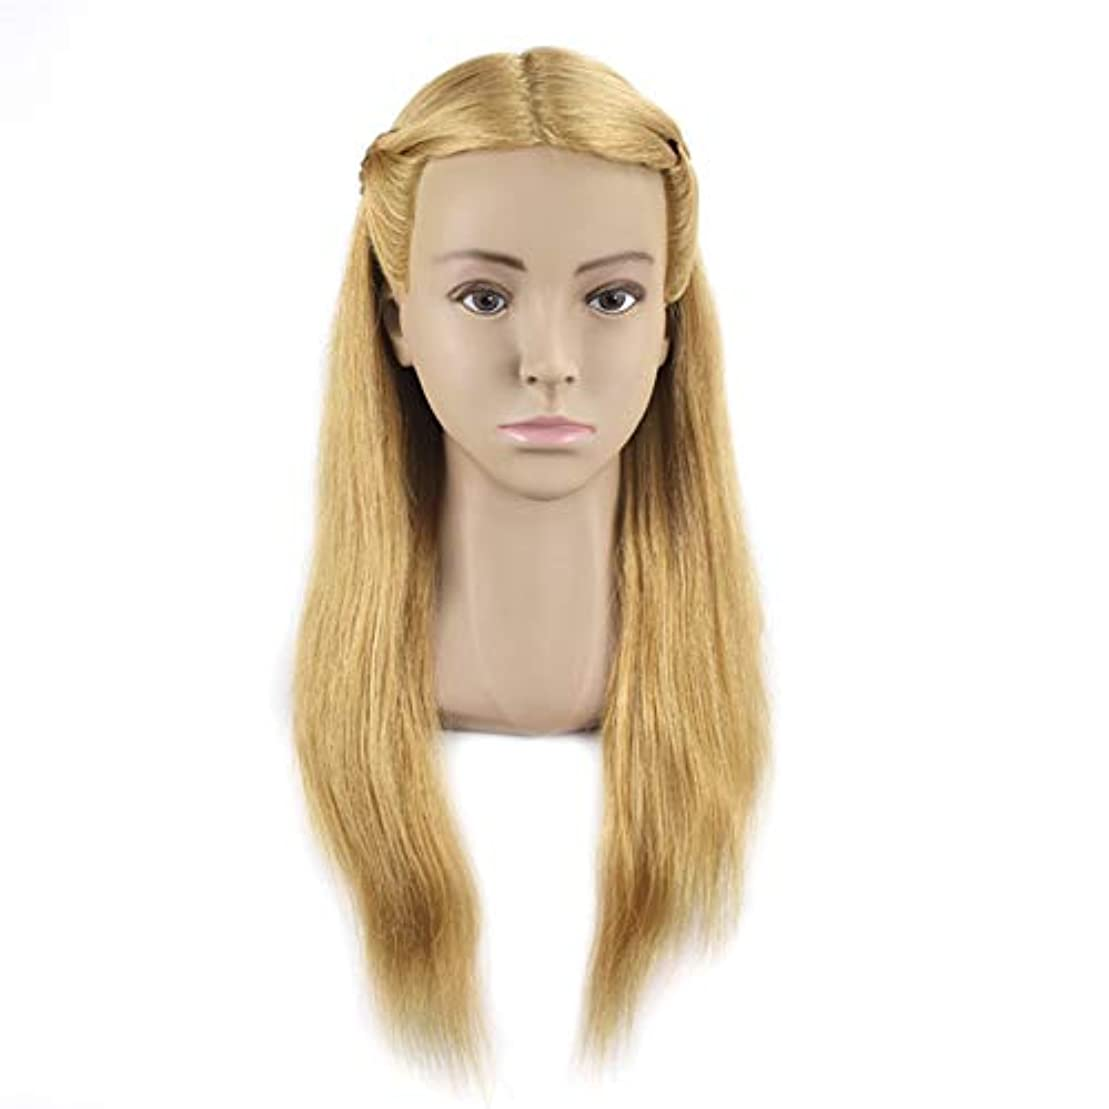 ピラミッド気候妻完全な人毛ヘアスタイリングモデルヘッド女性モデルヘッドティーチングヘッド理髪店編組髪染め学習ダミーヘッド